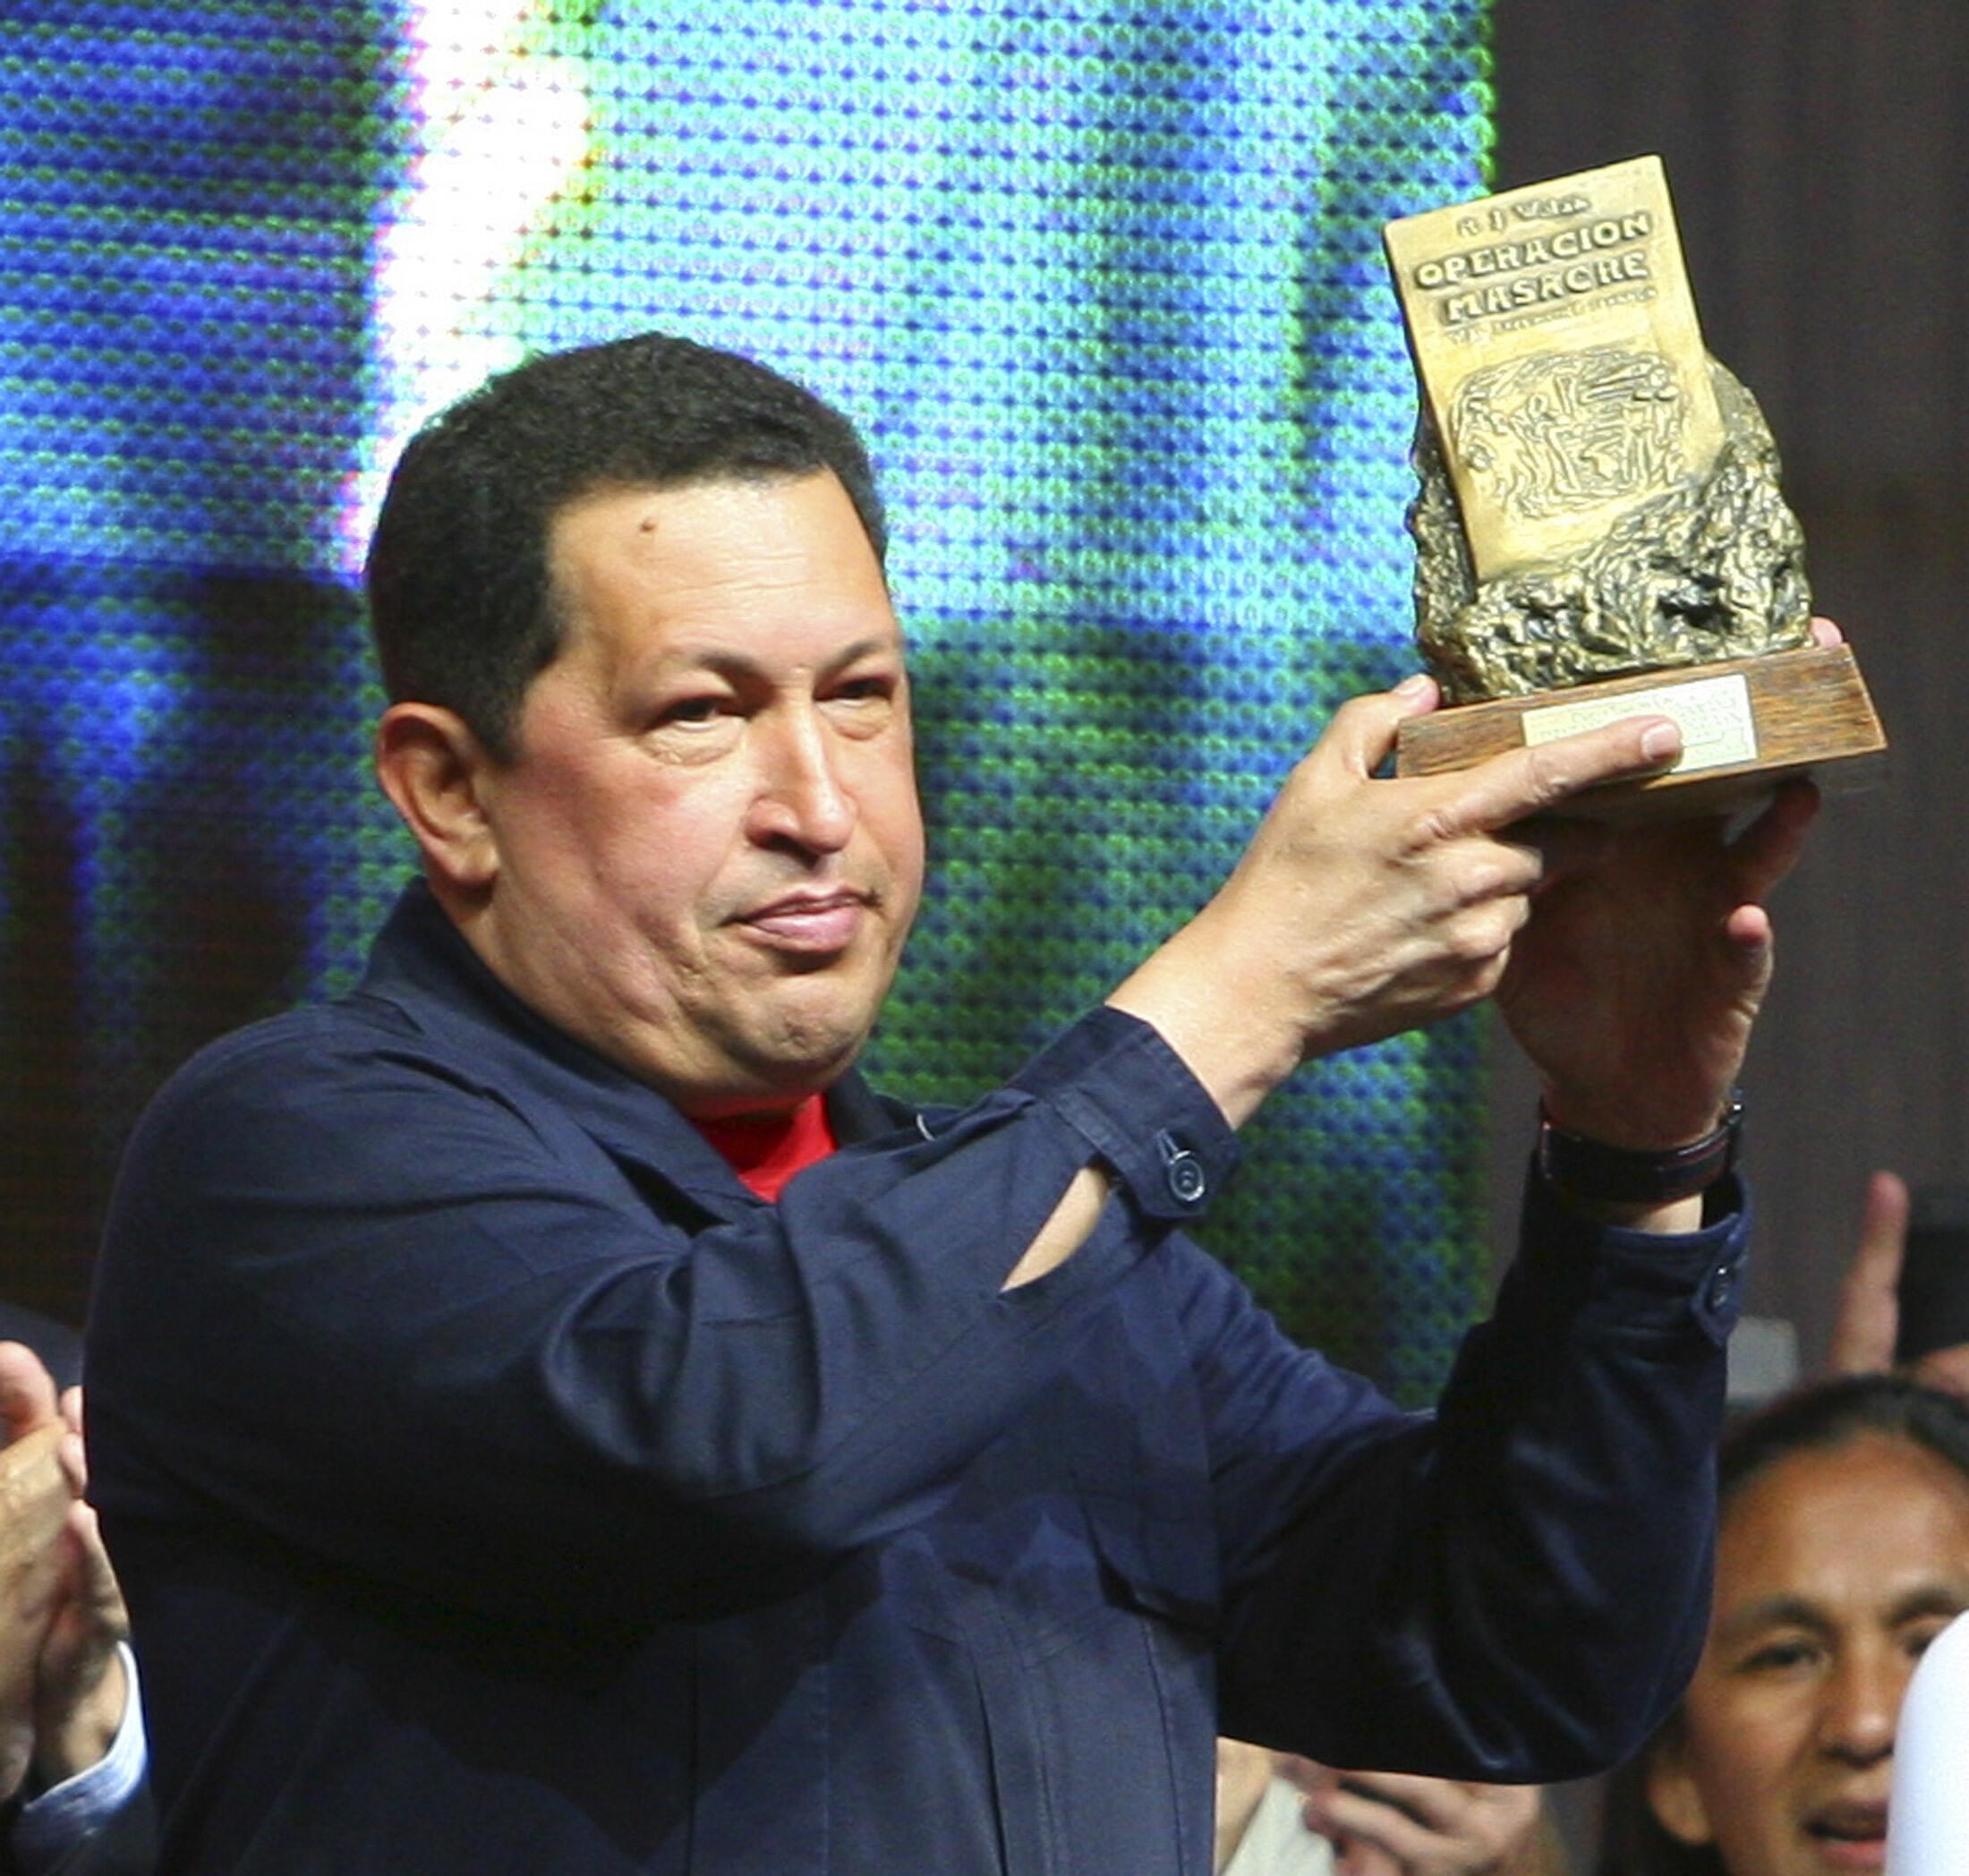 El presidente venezolano, Hugo Chávez, recibe el premio Rodolfo Walsh, el 29 de marzo de 2011 en La Plata.